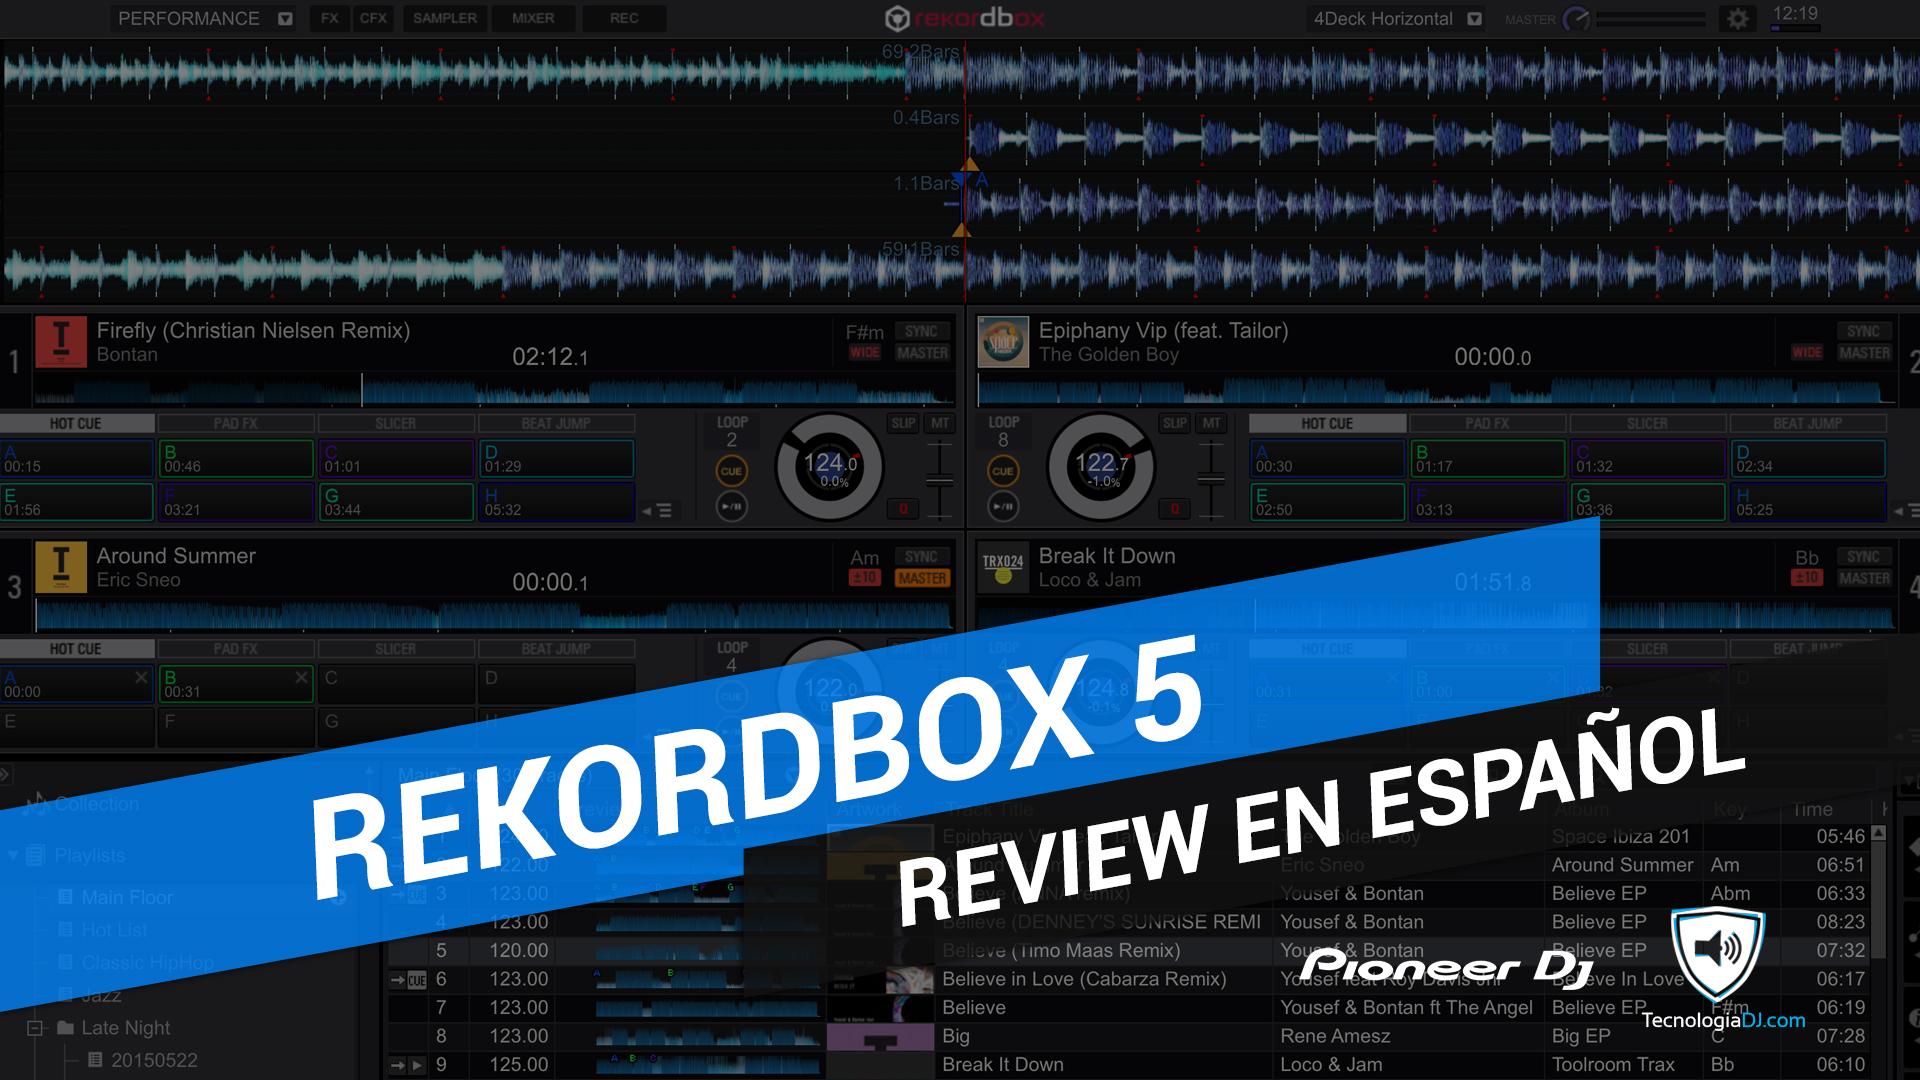 Review en español Rekordbox 5